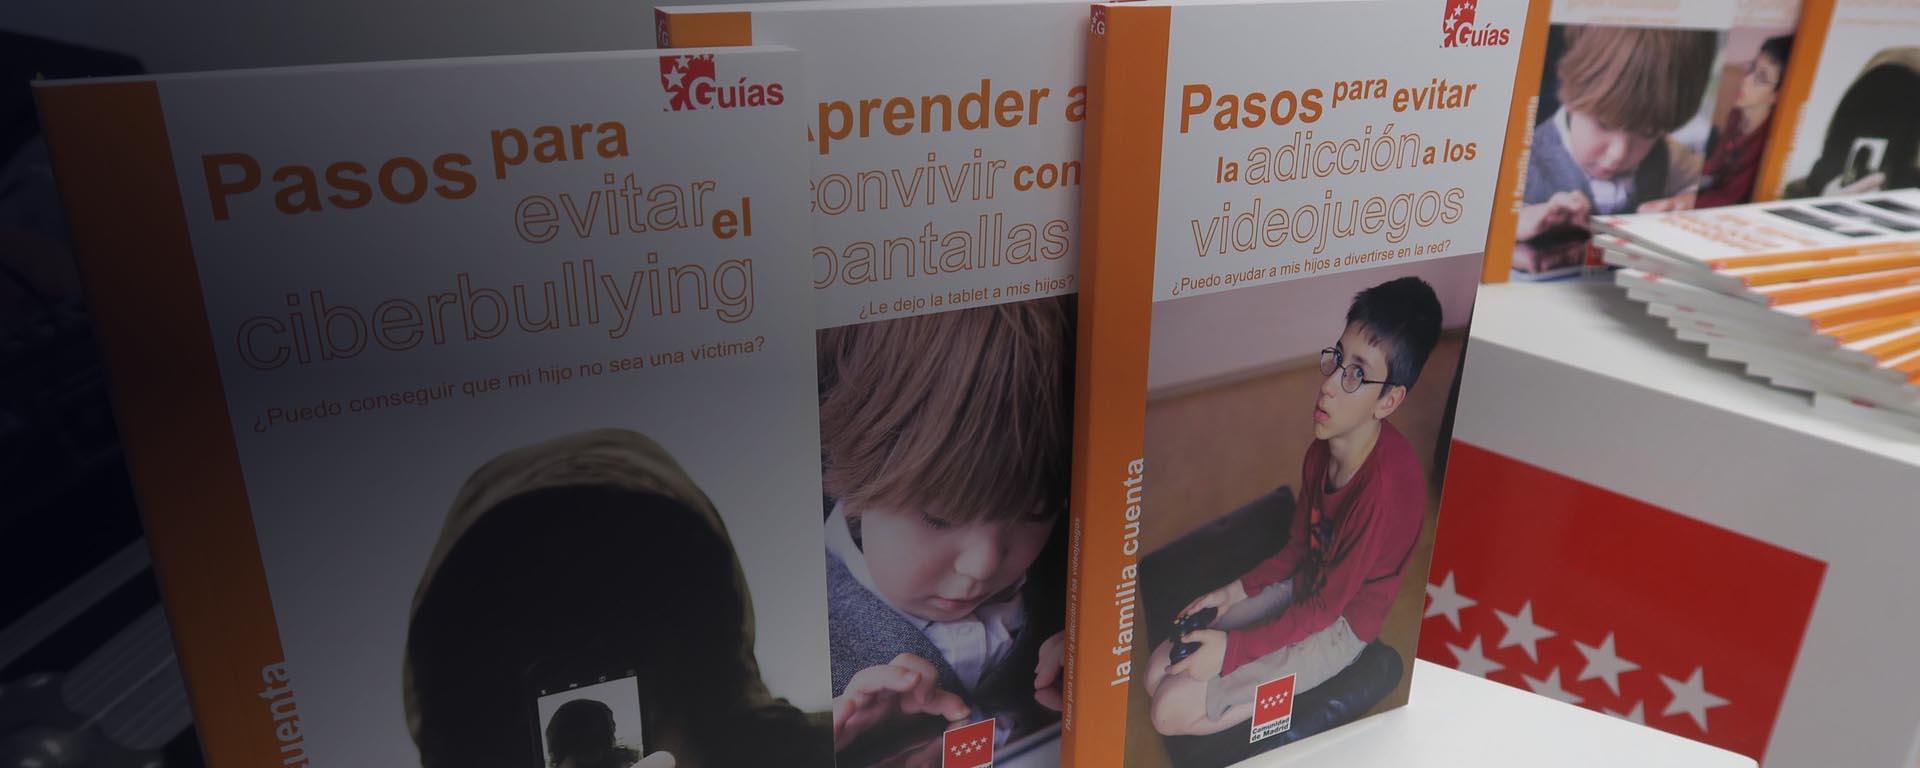 Presentacion-Guias-La-Familia-Cuenta